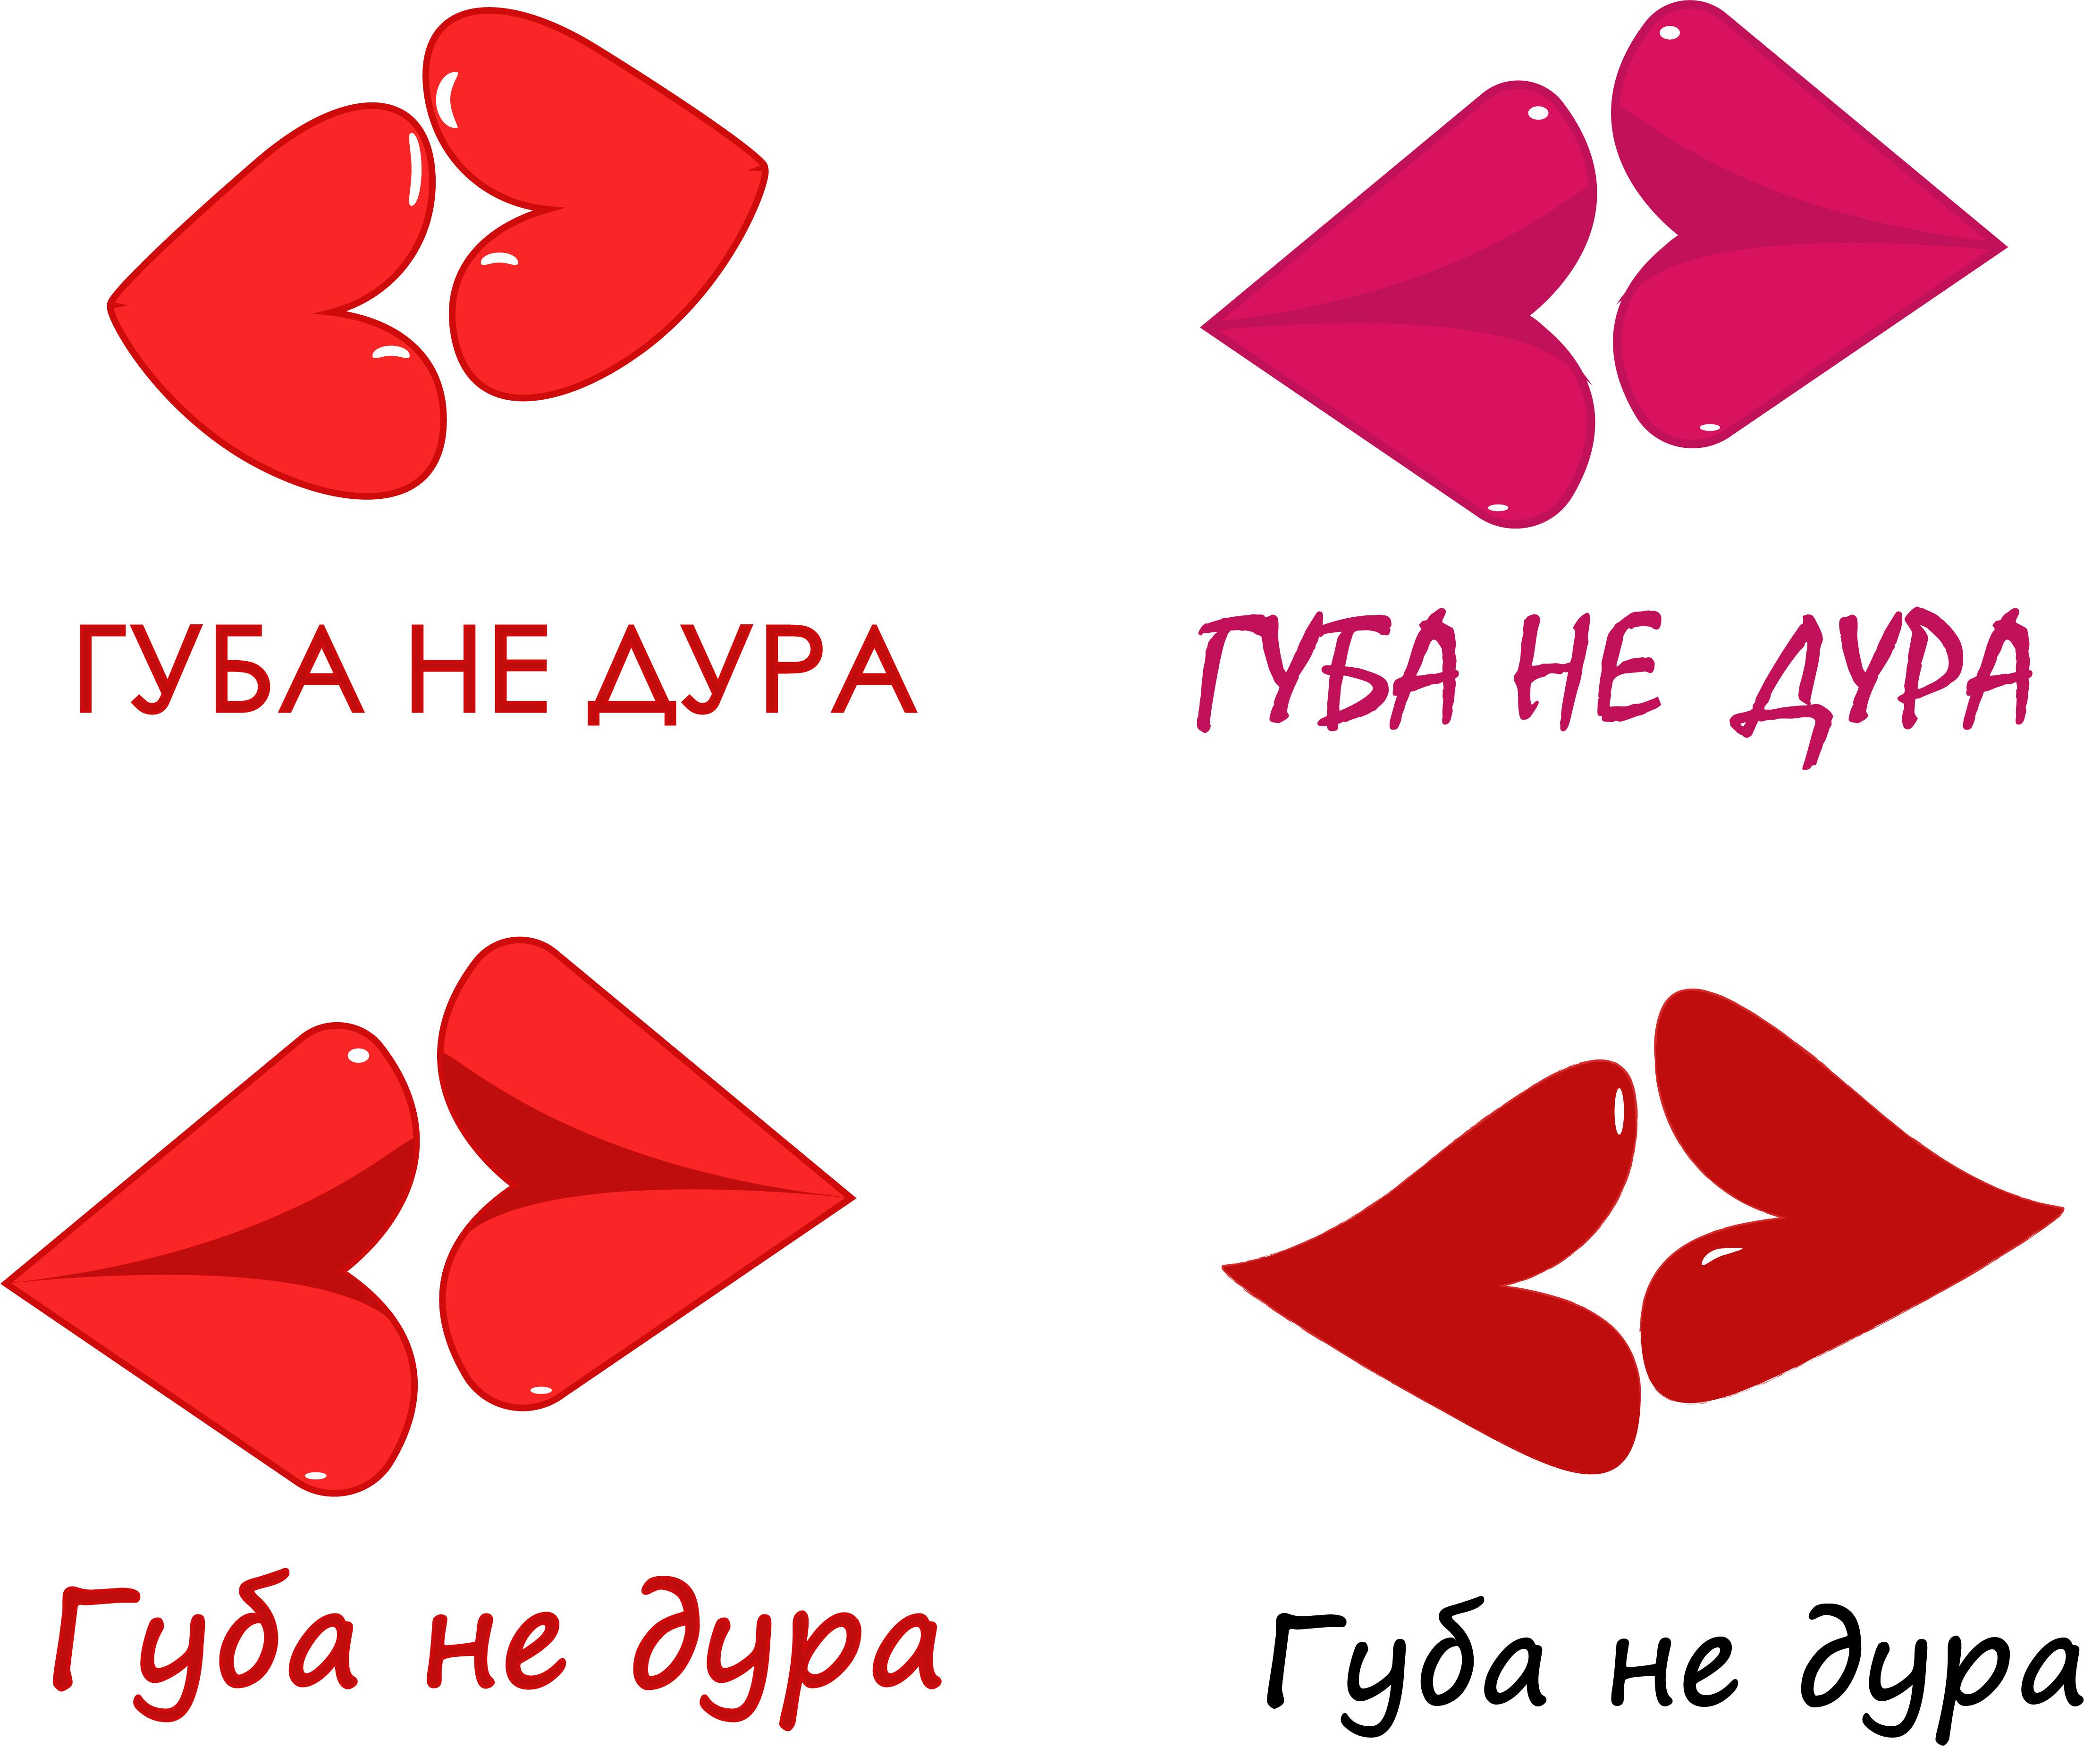 Улучшить и так хороший Товарный Знак фото f_9985eee09c6526e4.jpg